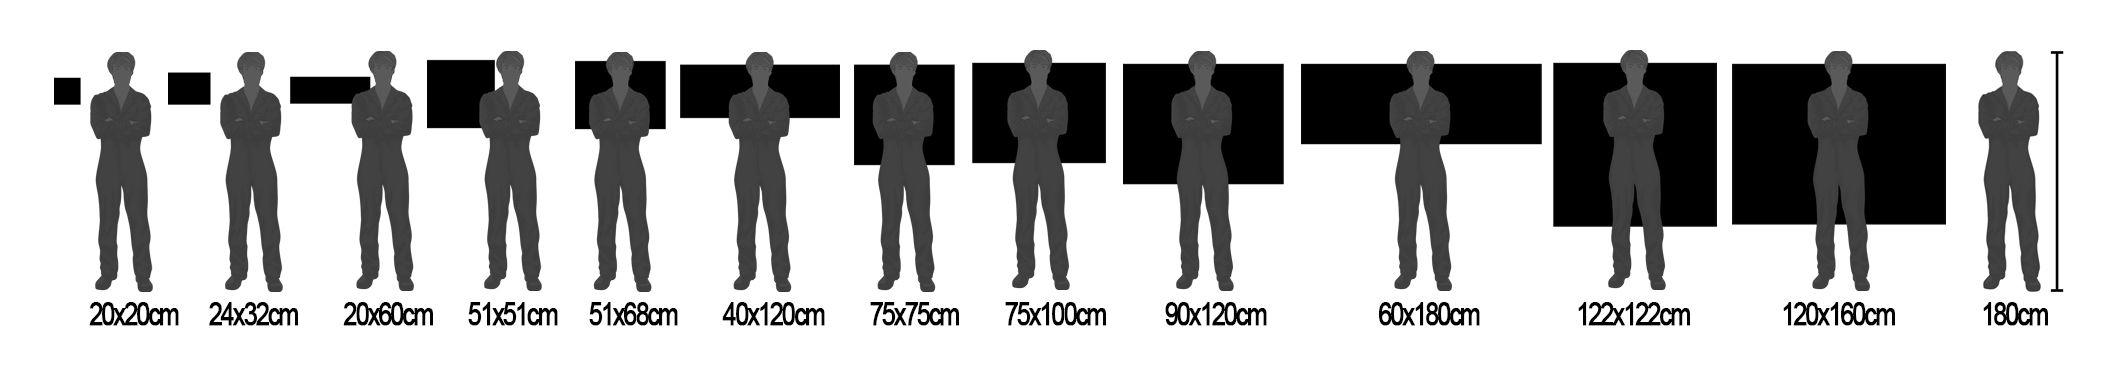 Cuadro comparativo de tamaños de impresión